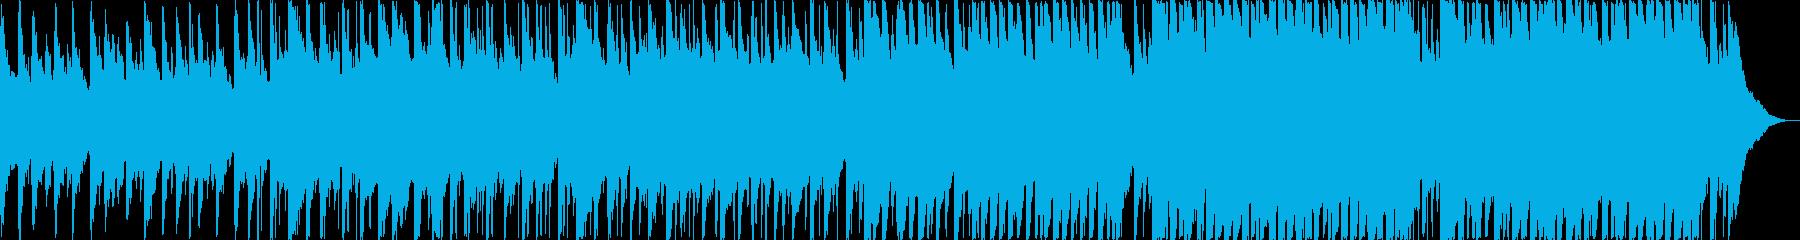 ポップ アクション adverti...の再生済みの波形